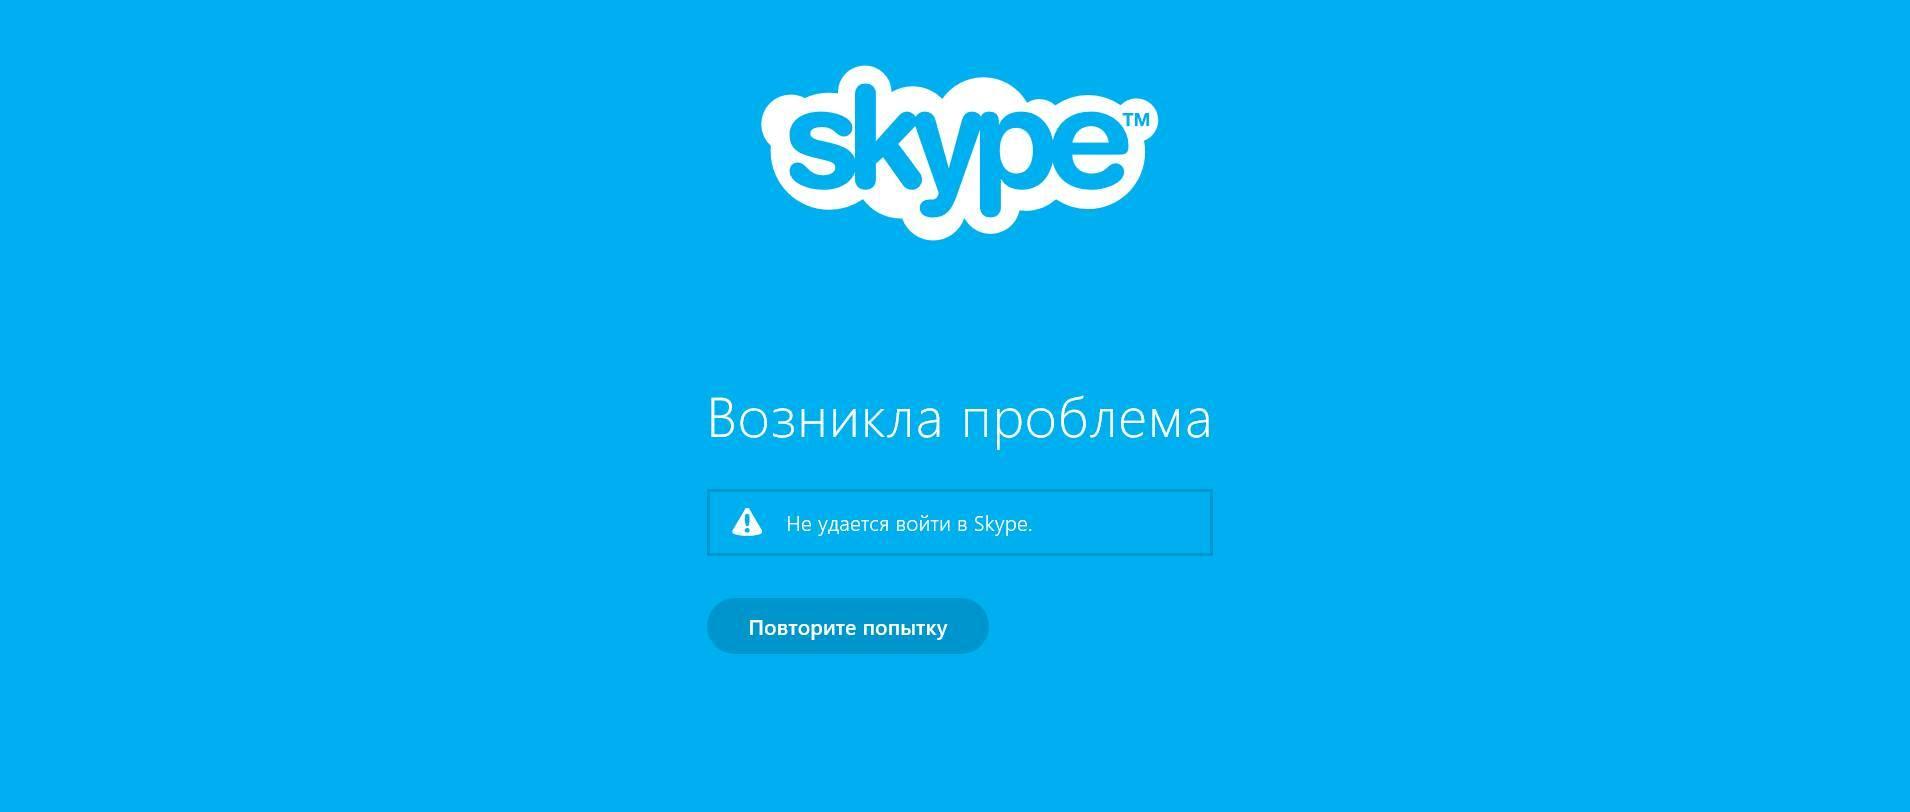 Как сделать так чтобы видели твой рабочий стол в скайп